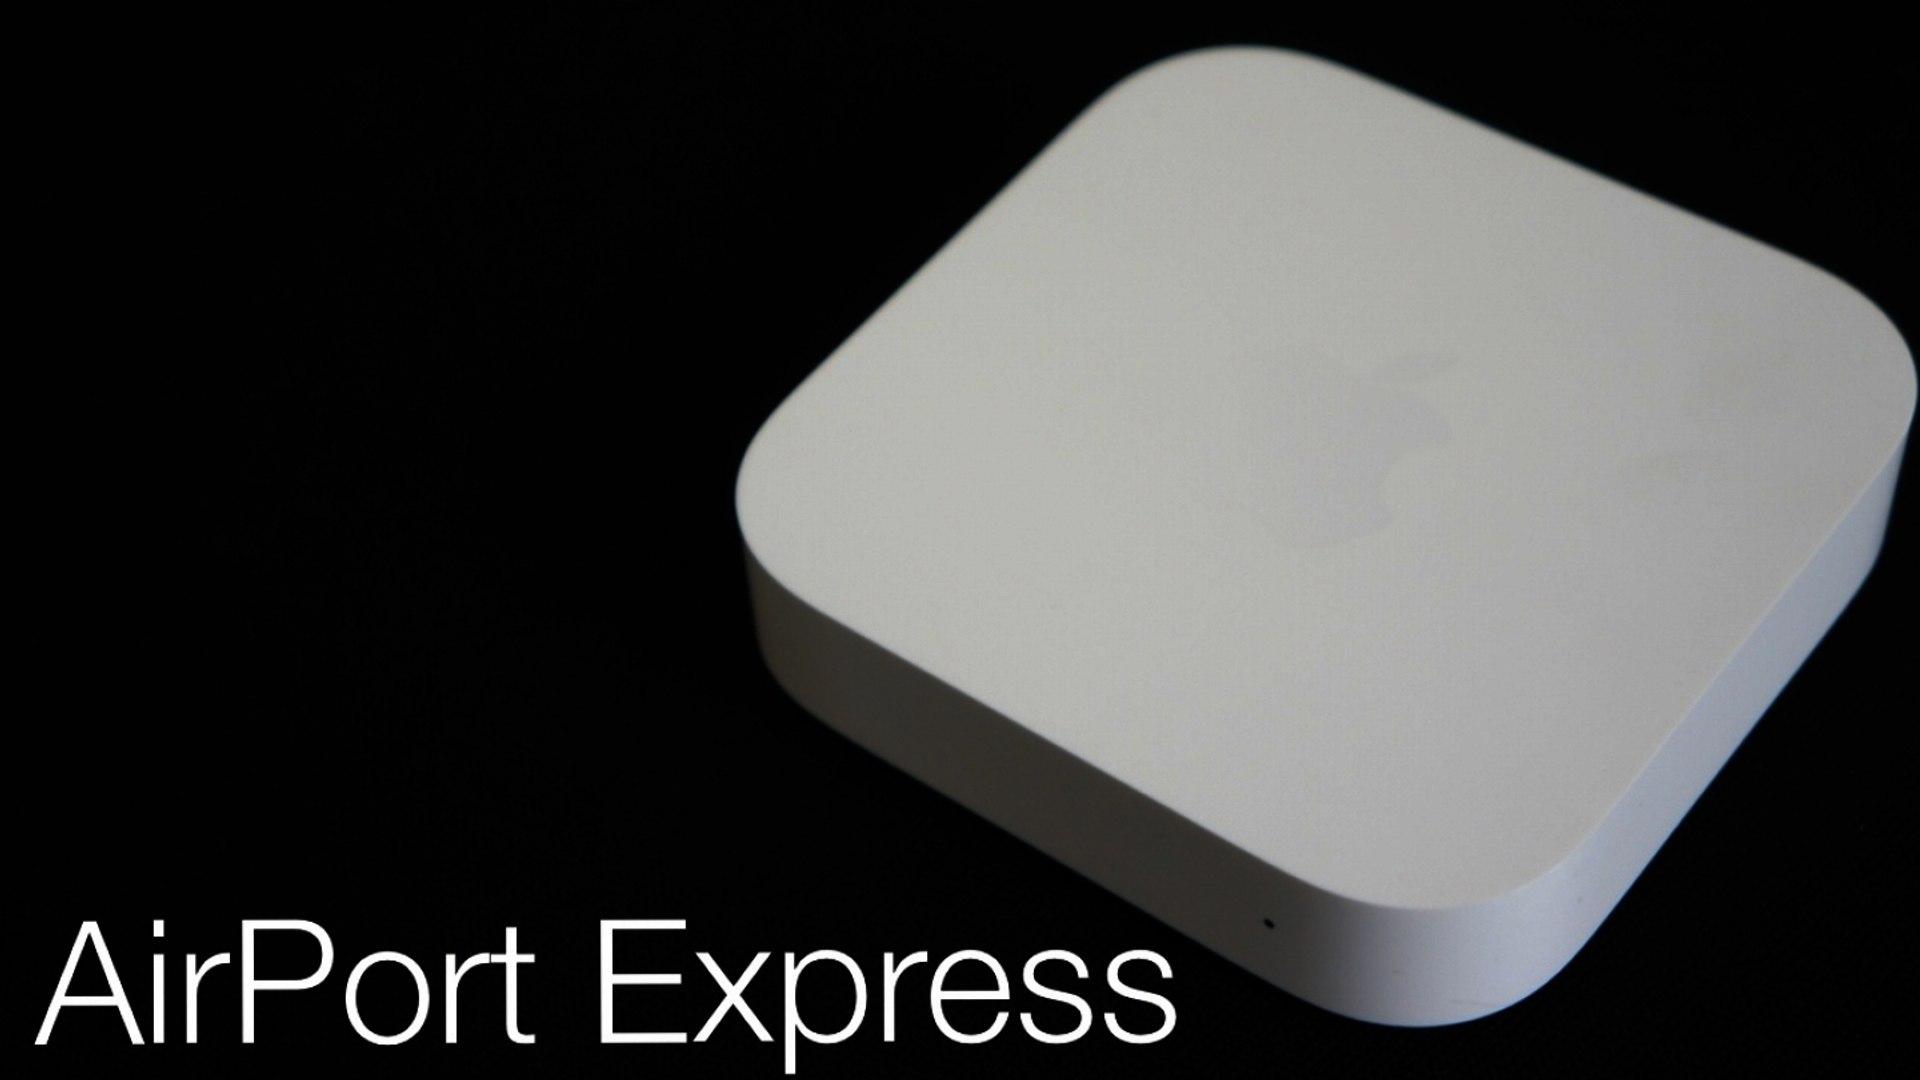 Prise en main de la borne AirPort Express